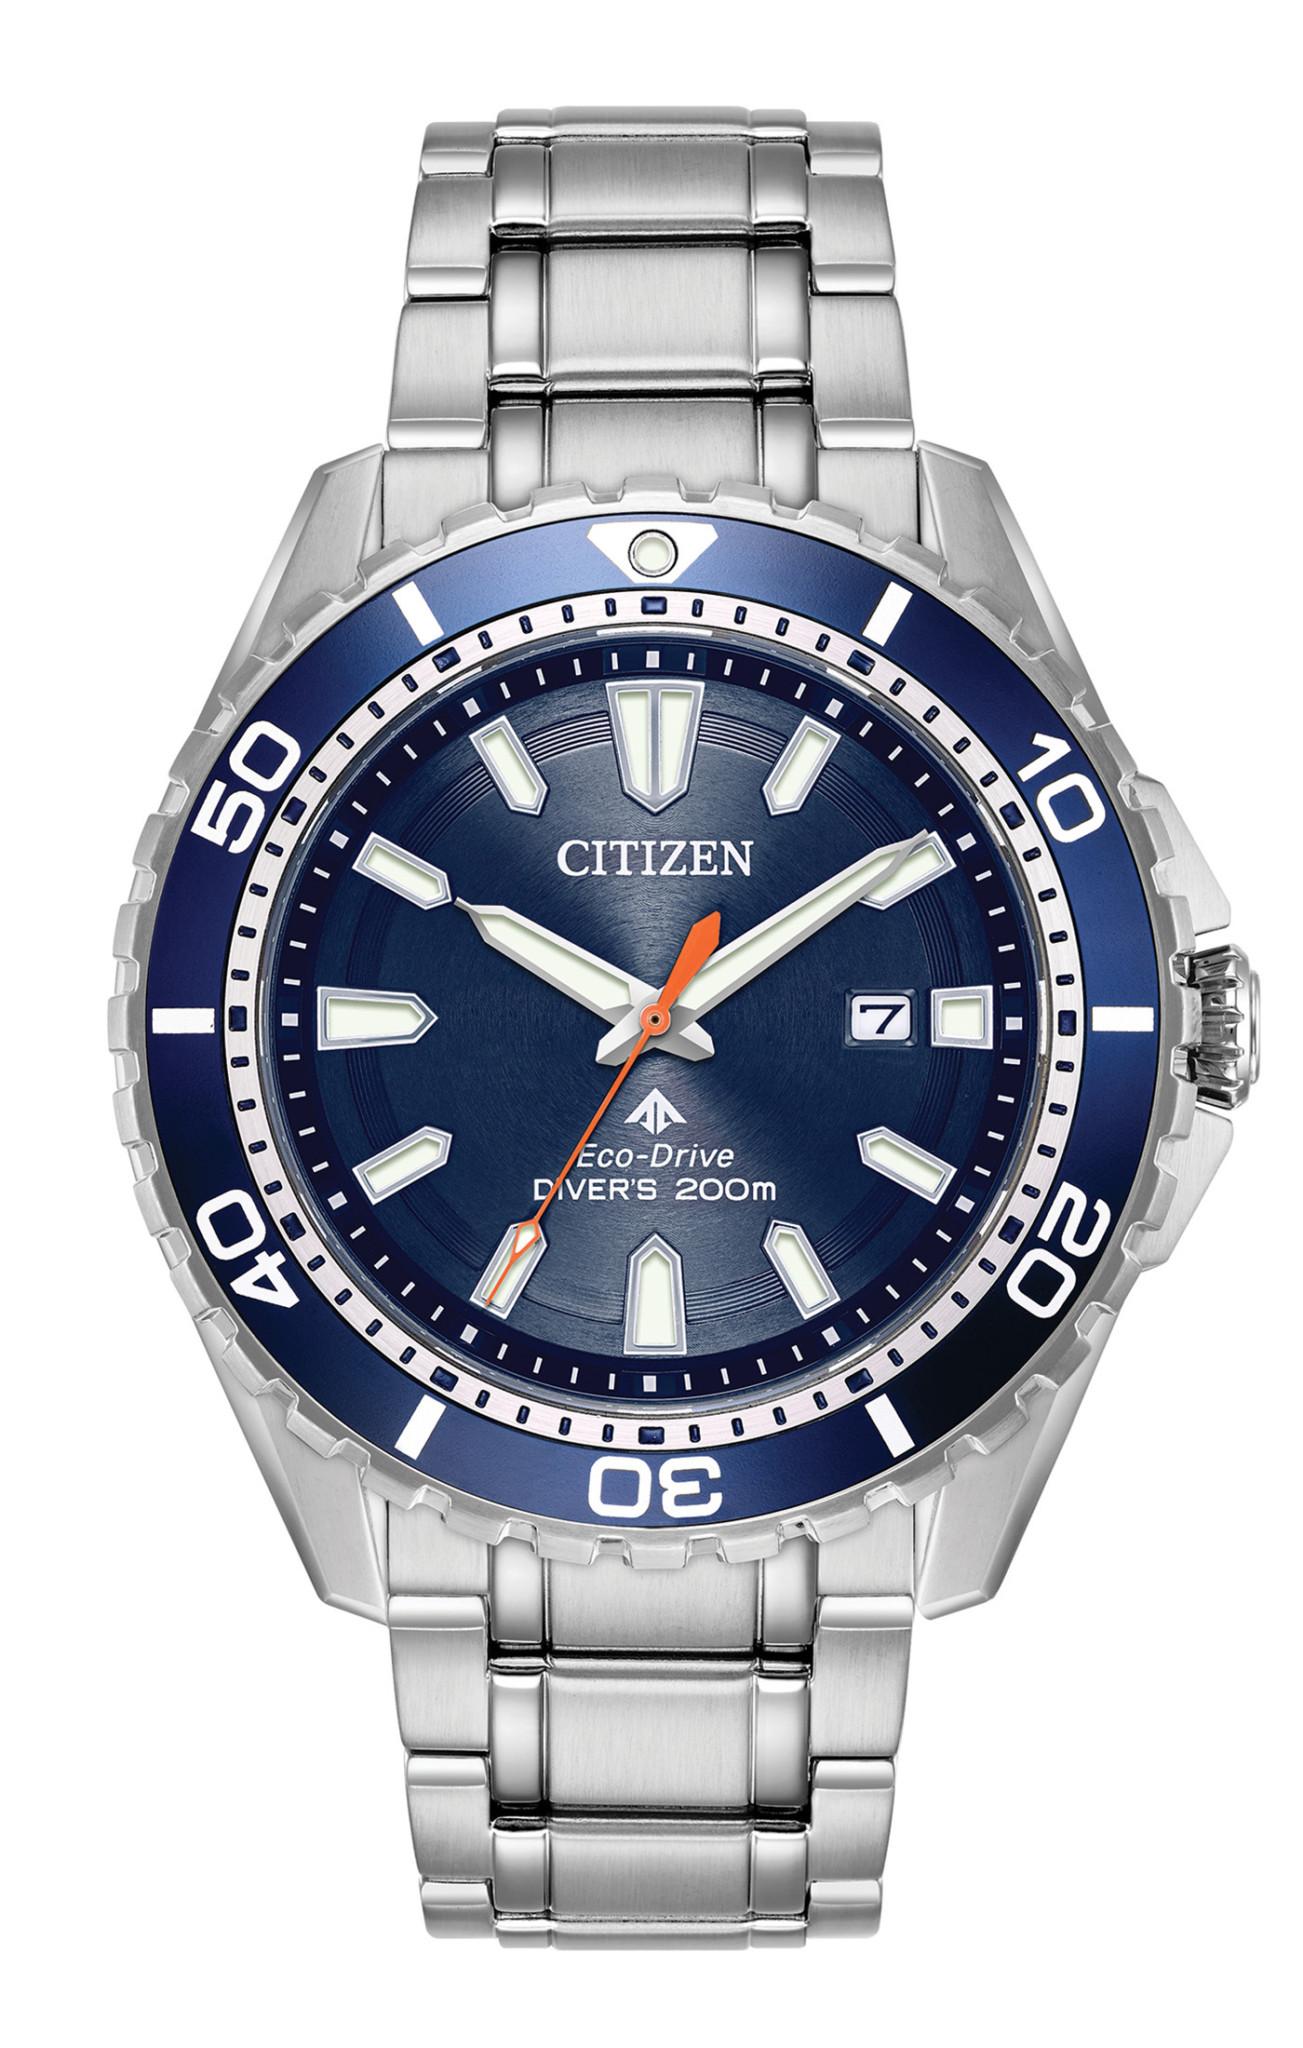 Promaster Diver - BN0191-55L